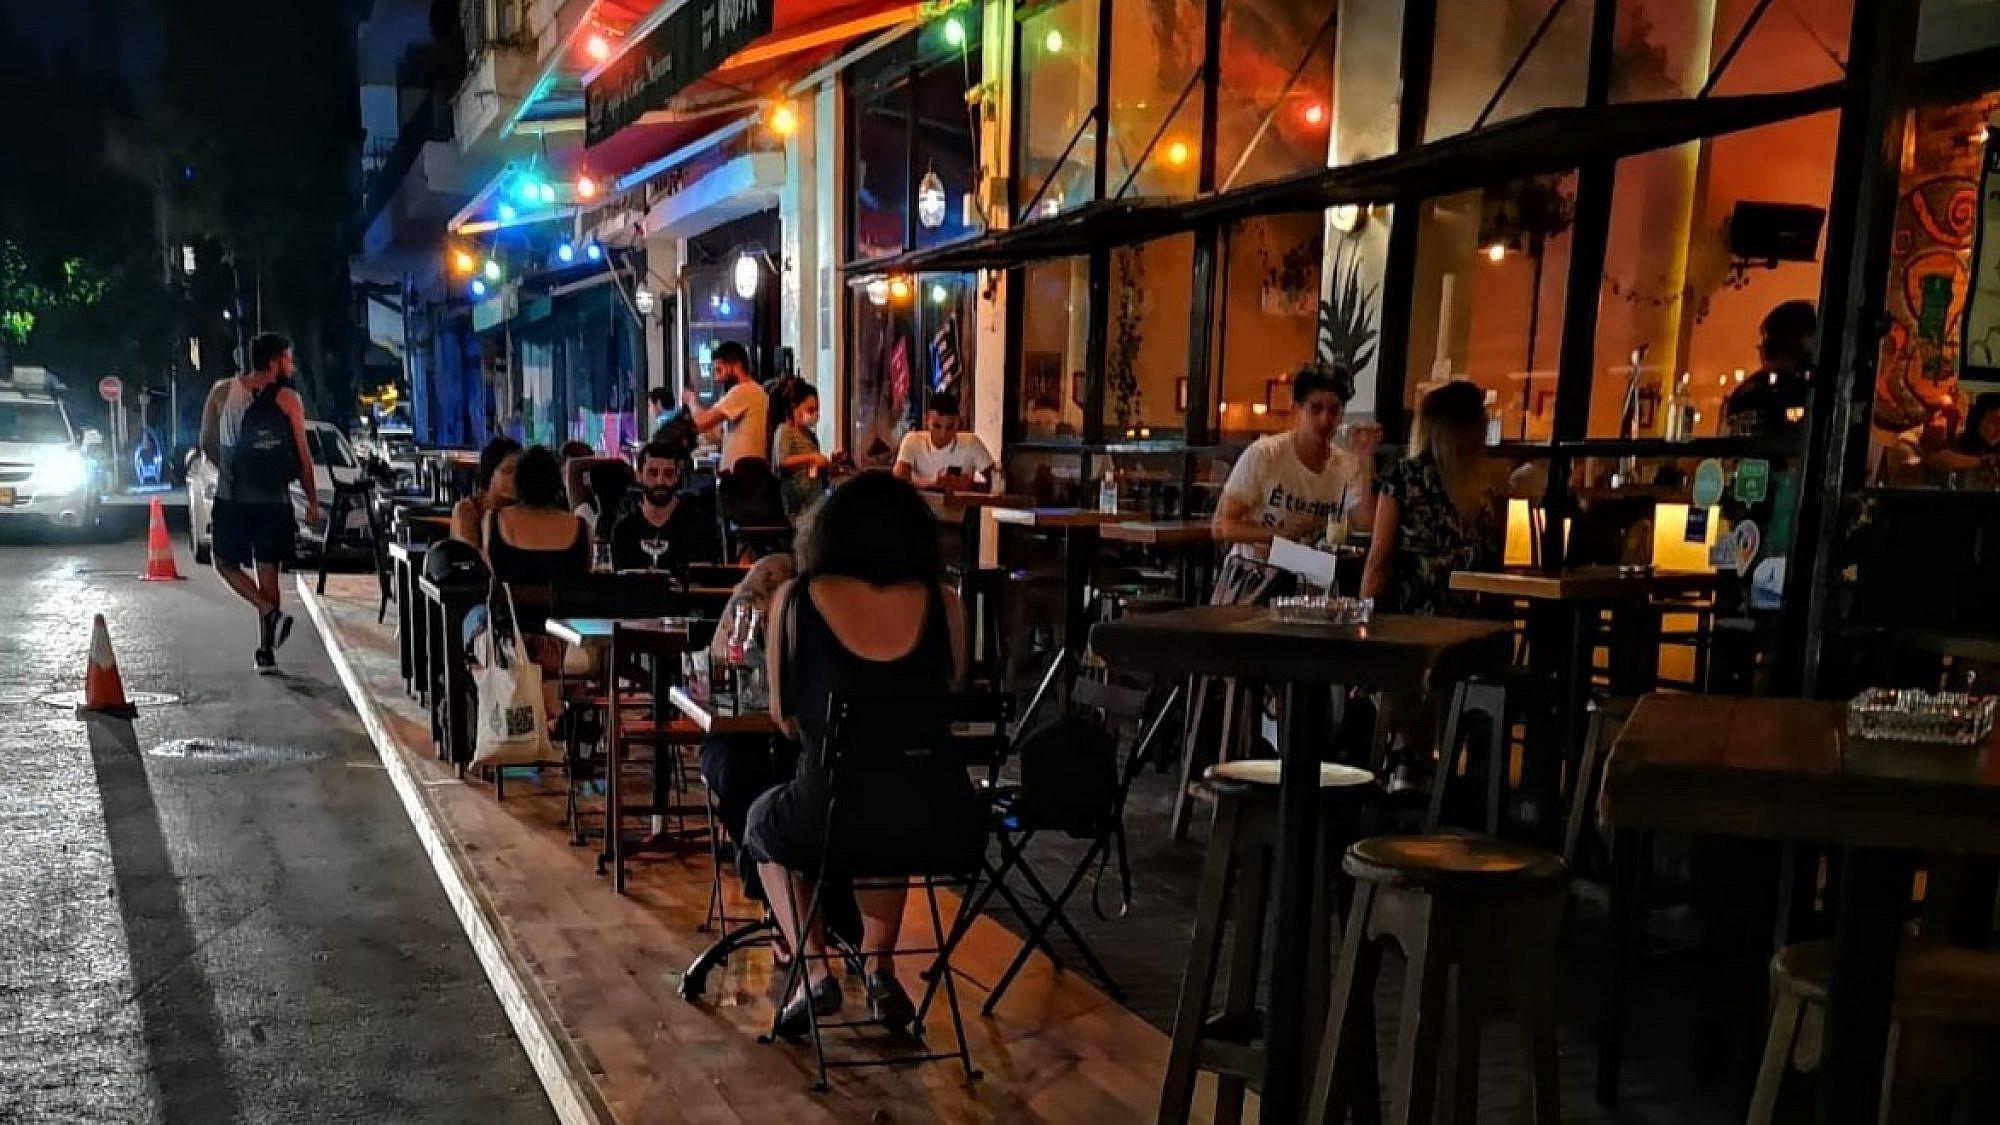 רמפות עץ מפרידות את המסעדה מהכביש. הפיילוט של העירייה ברחוב ויטל (צילום: יונתן בנדיגר)